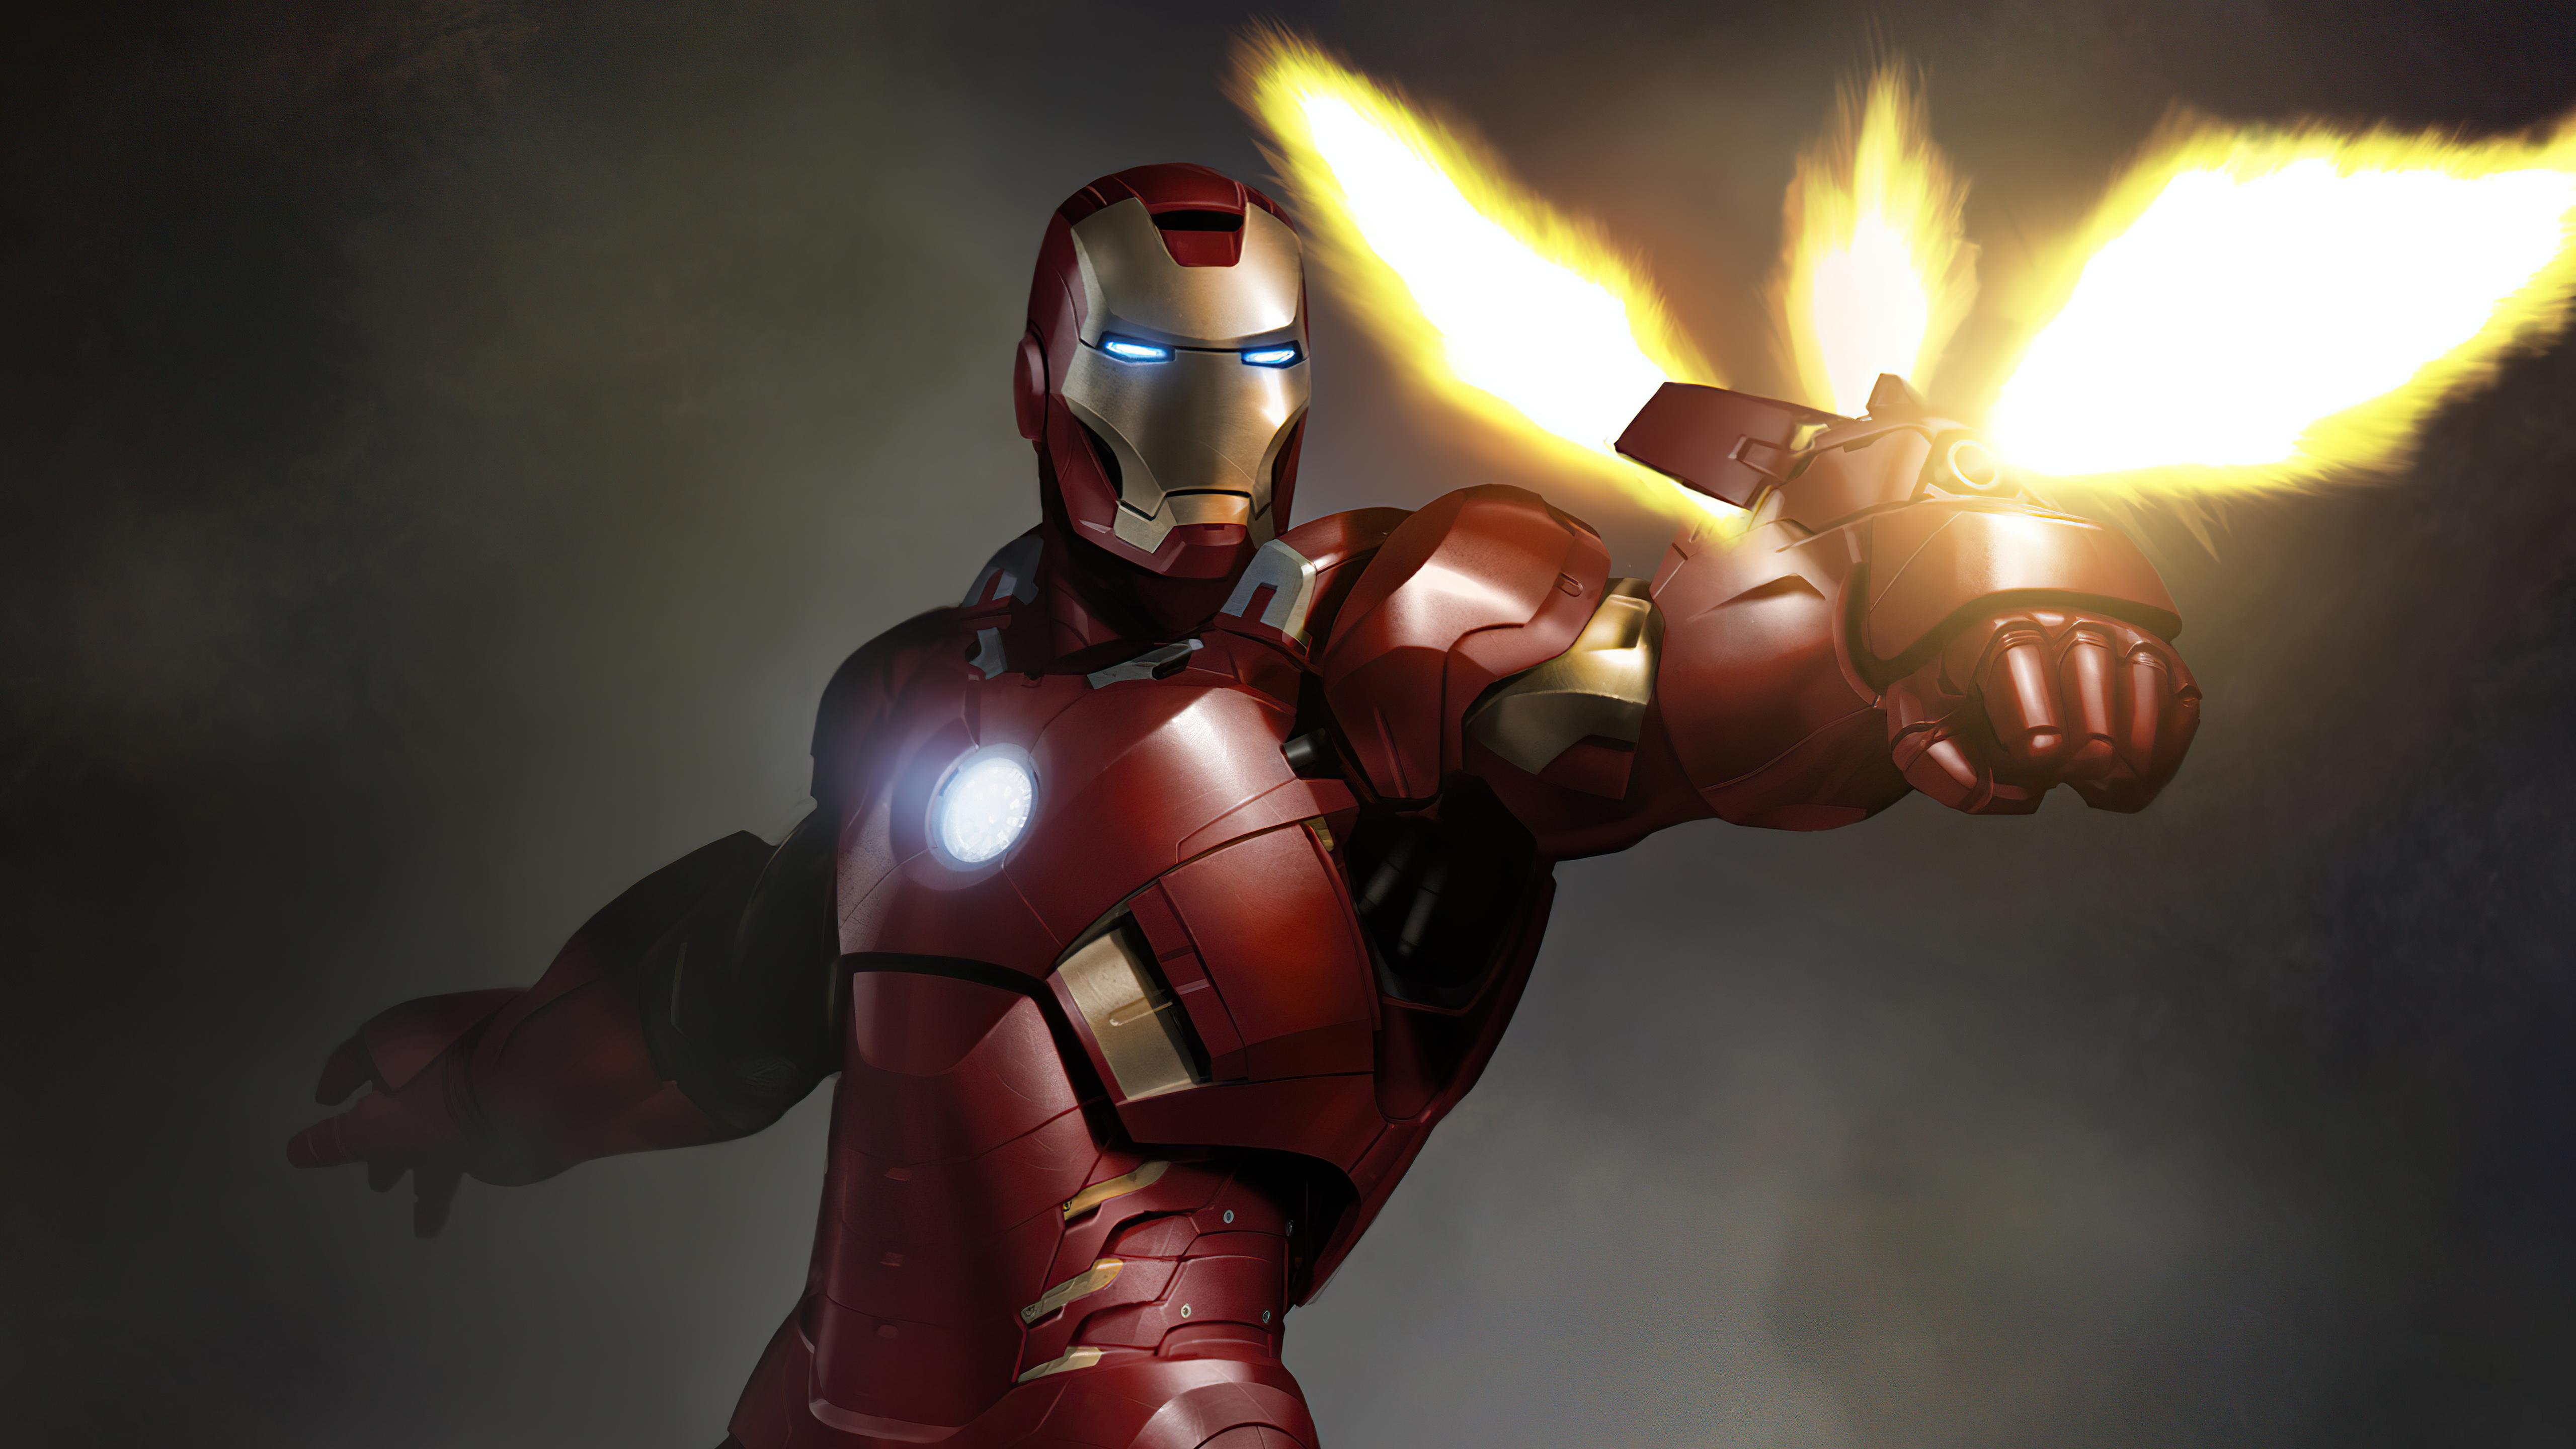 avengers iron man 4k 1617446697 - Avengers Iron Man 4k - Avengers Iron Man 4k wallpapers